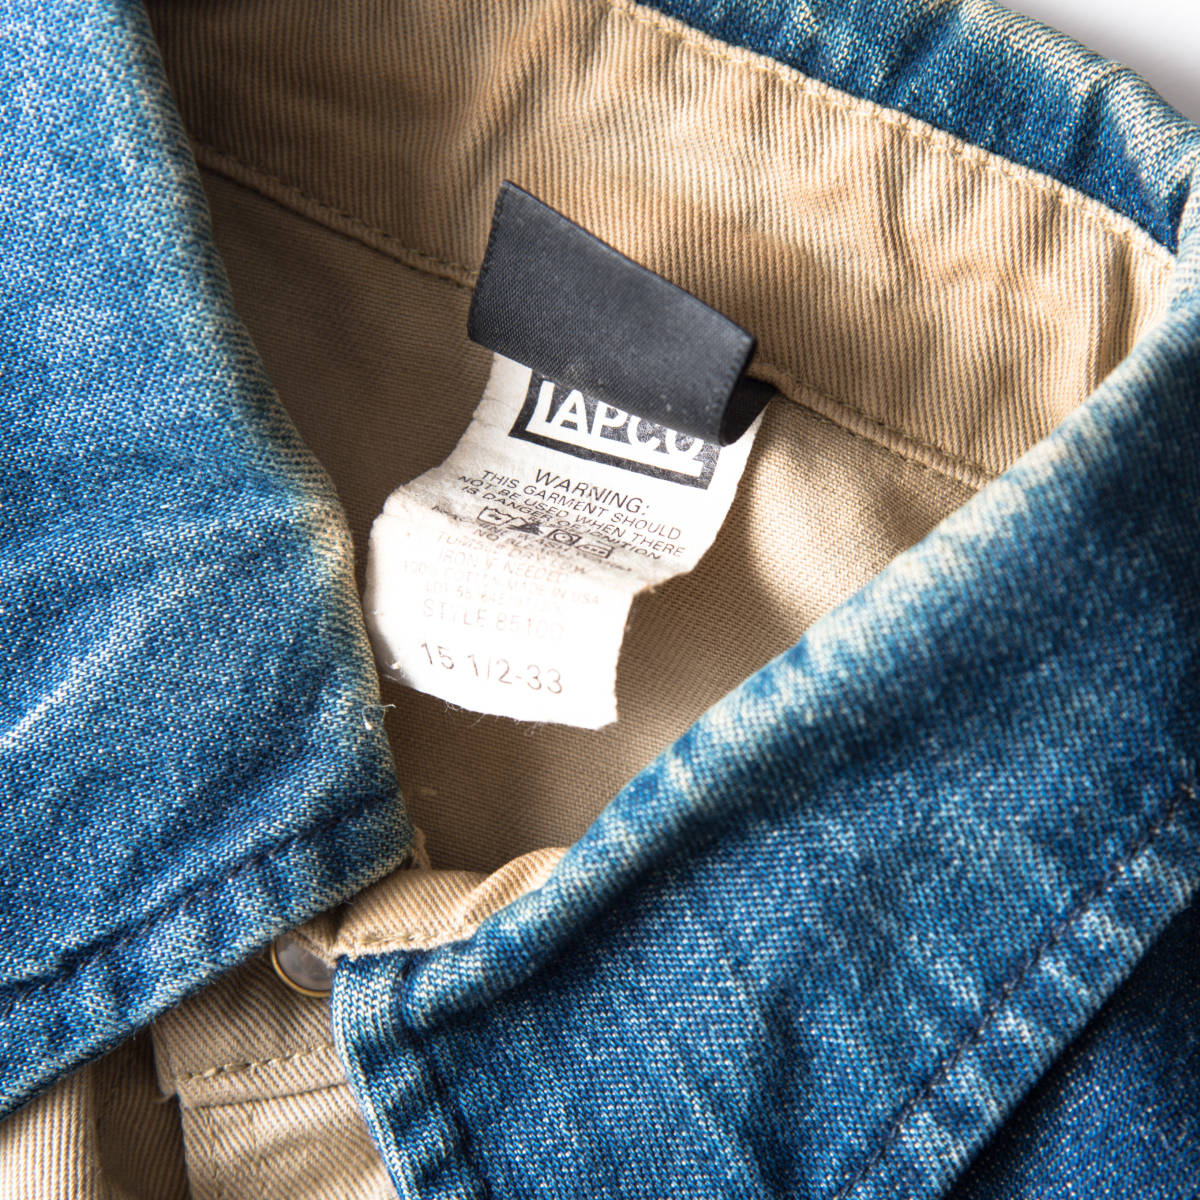 希少 70s ~ USA製 LAPCO デニム & チノ ウエスタン ワーク シャツ 黒タグ / ビンテージ 古着 コットン ジャケット コンビ 長袖 40s 50s 60s_画像4